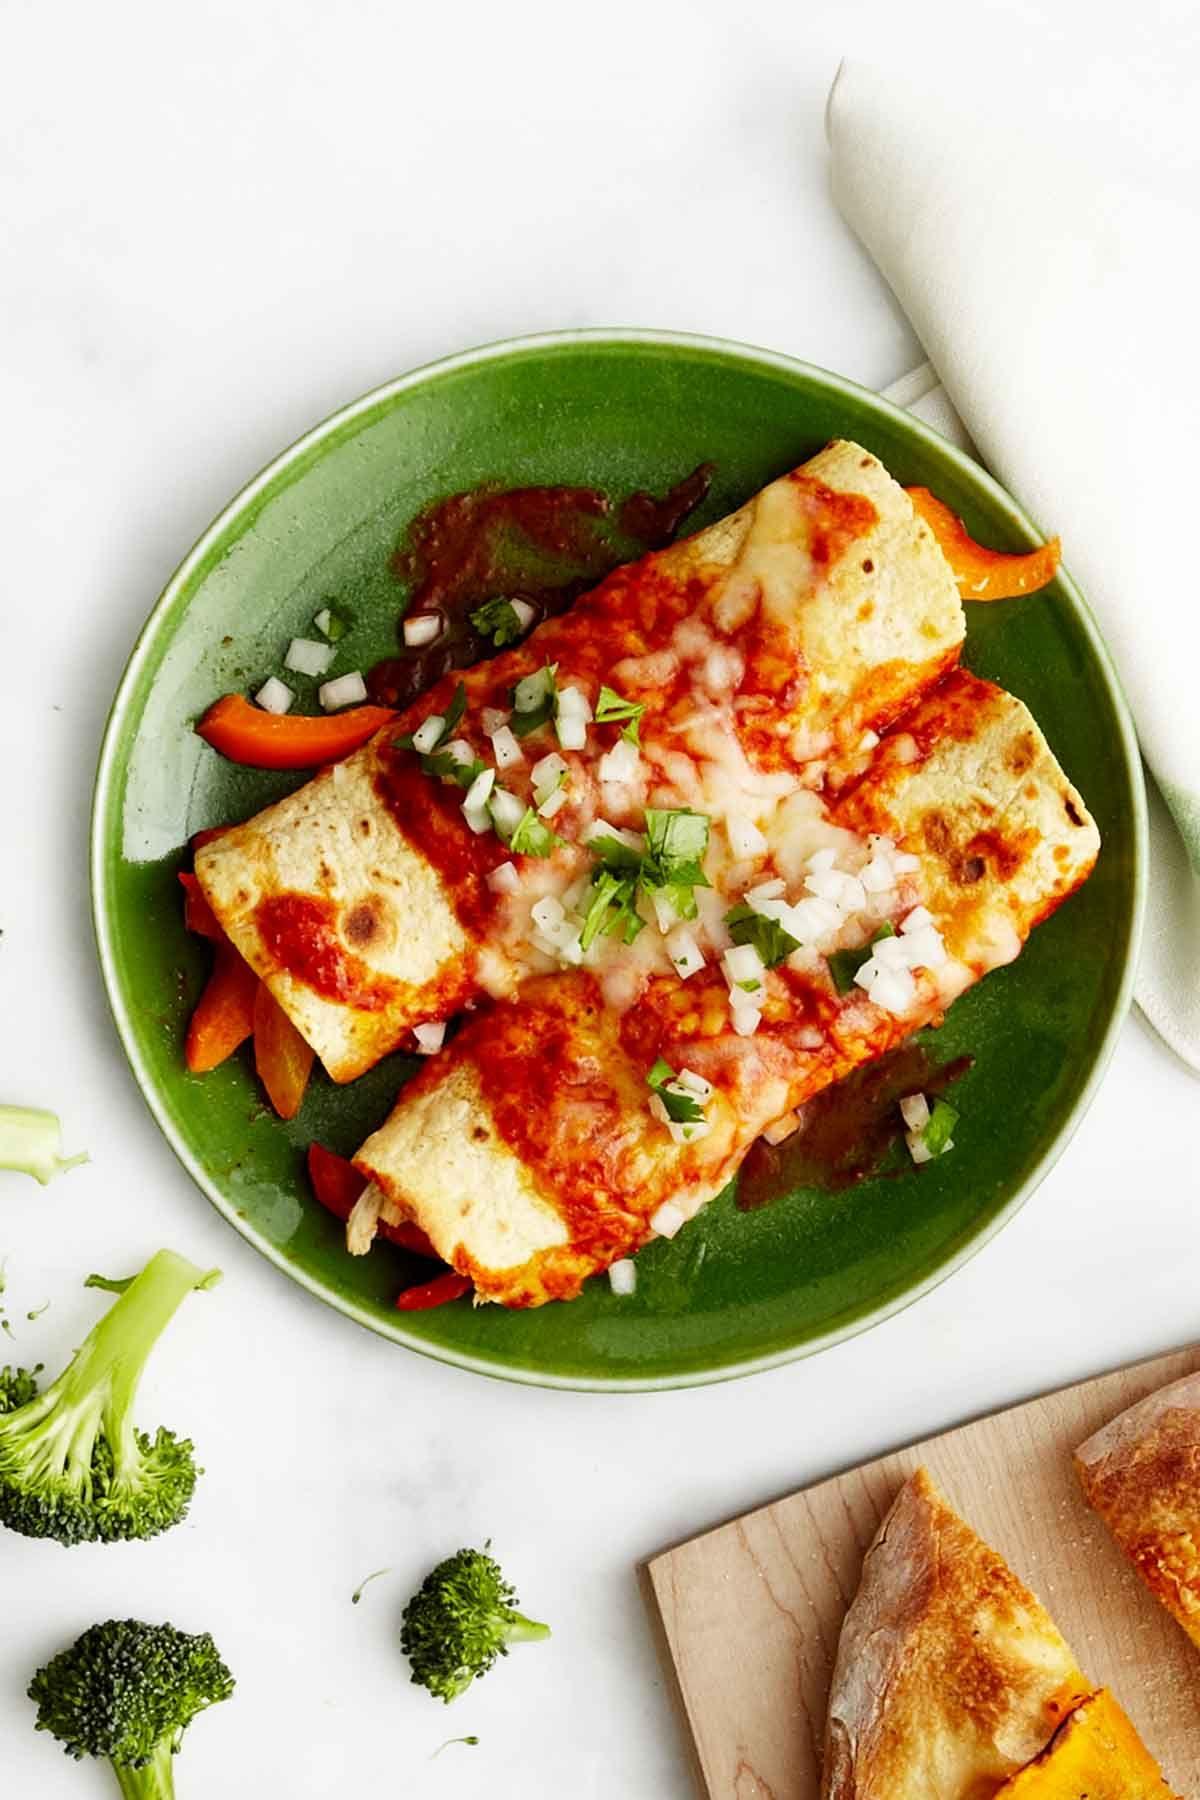 80 easy vegetarian dinner recipes best vegetarian meal ideas 80 easy vegetarian dinner recipes best vegetarian meal ideas country living forumfinder Images